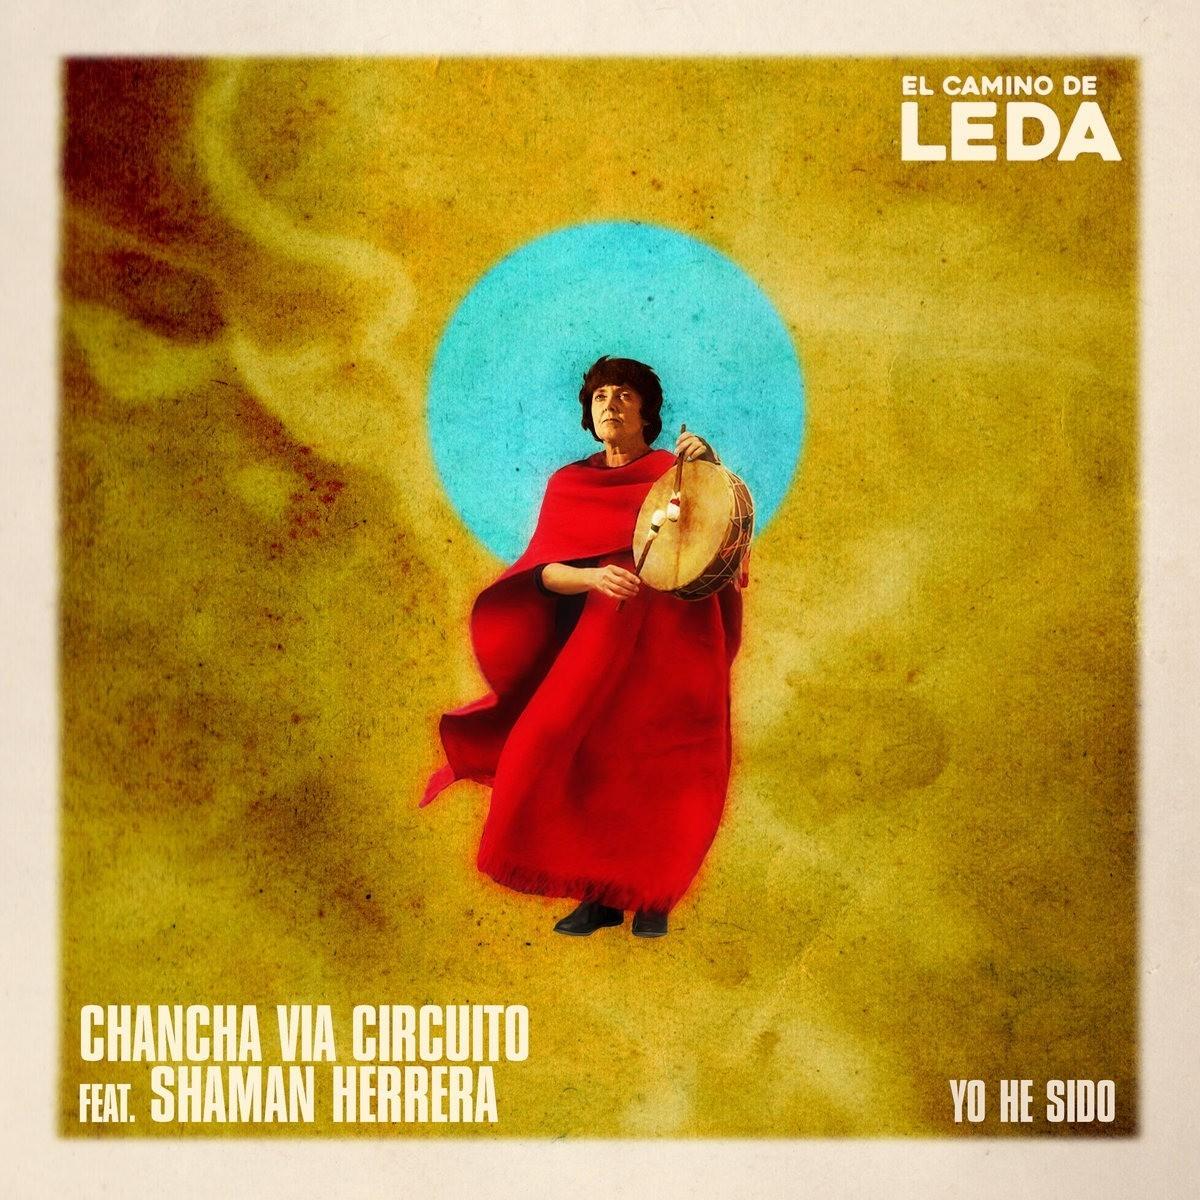 El Camino de Leda - Chancha Via Circuito y Shaman Herrera